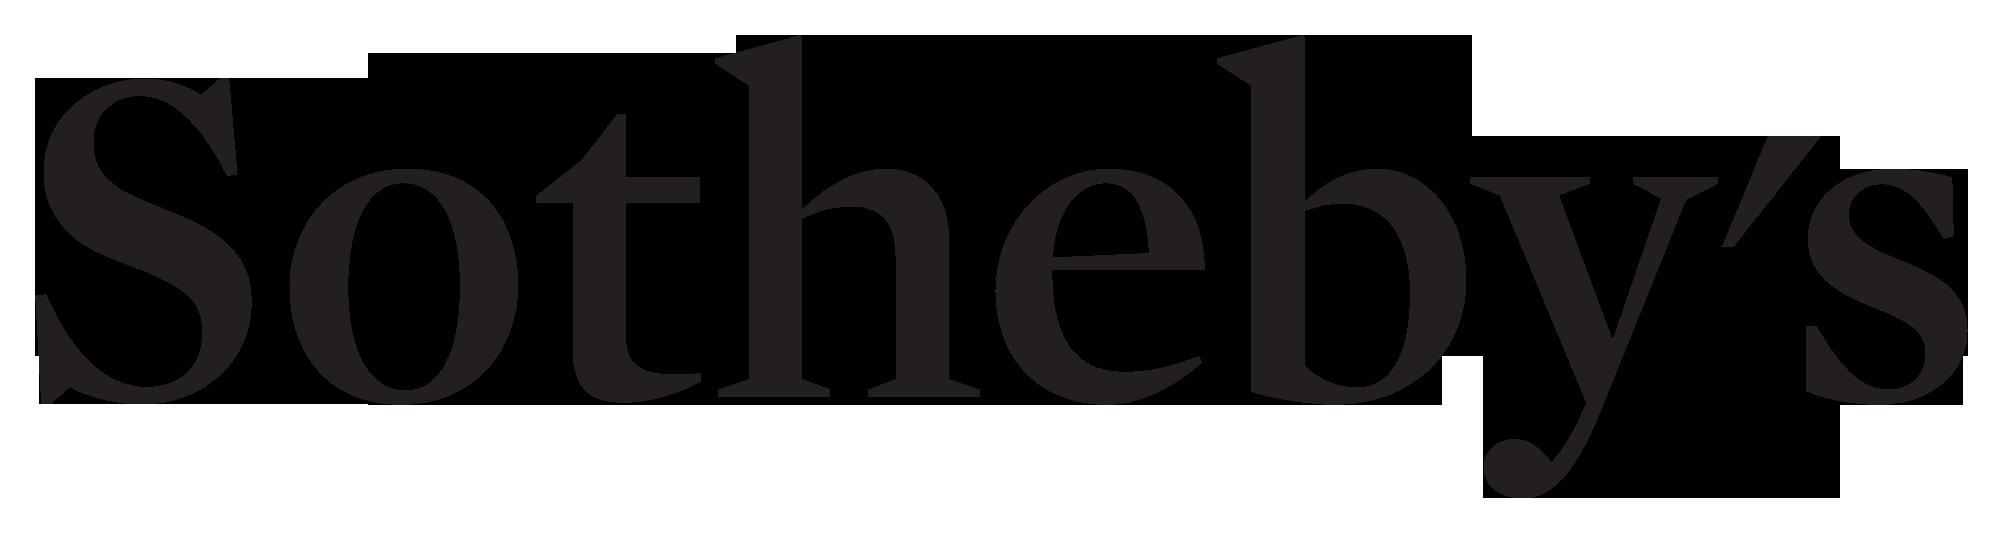 Sothebys_Logo.png